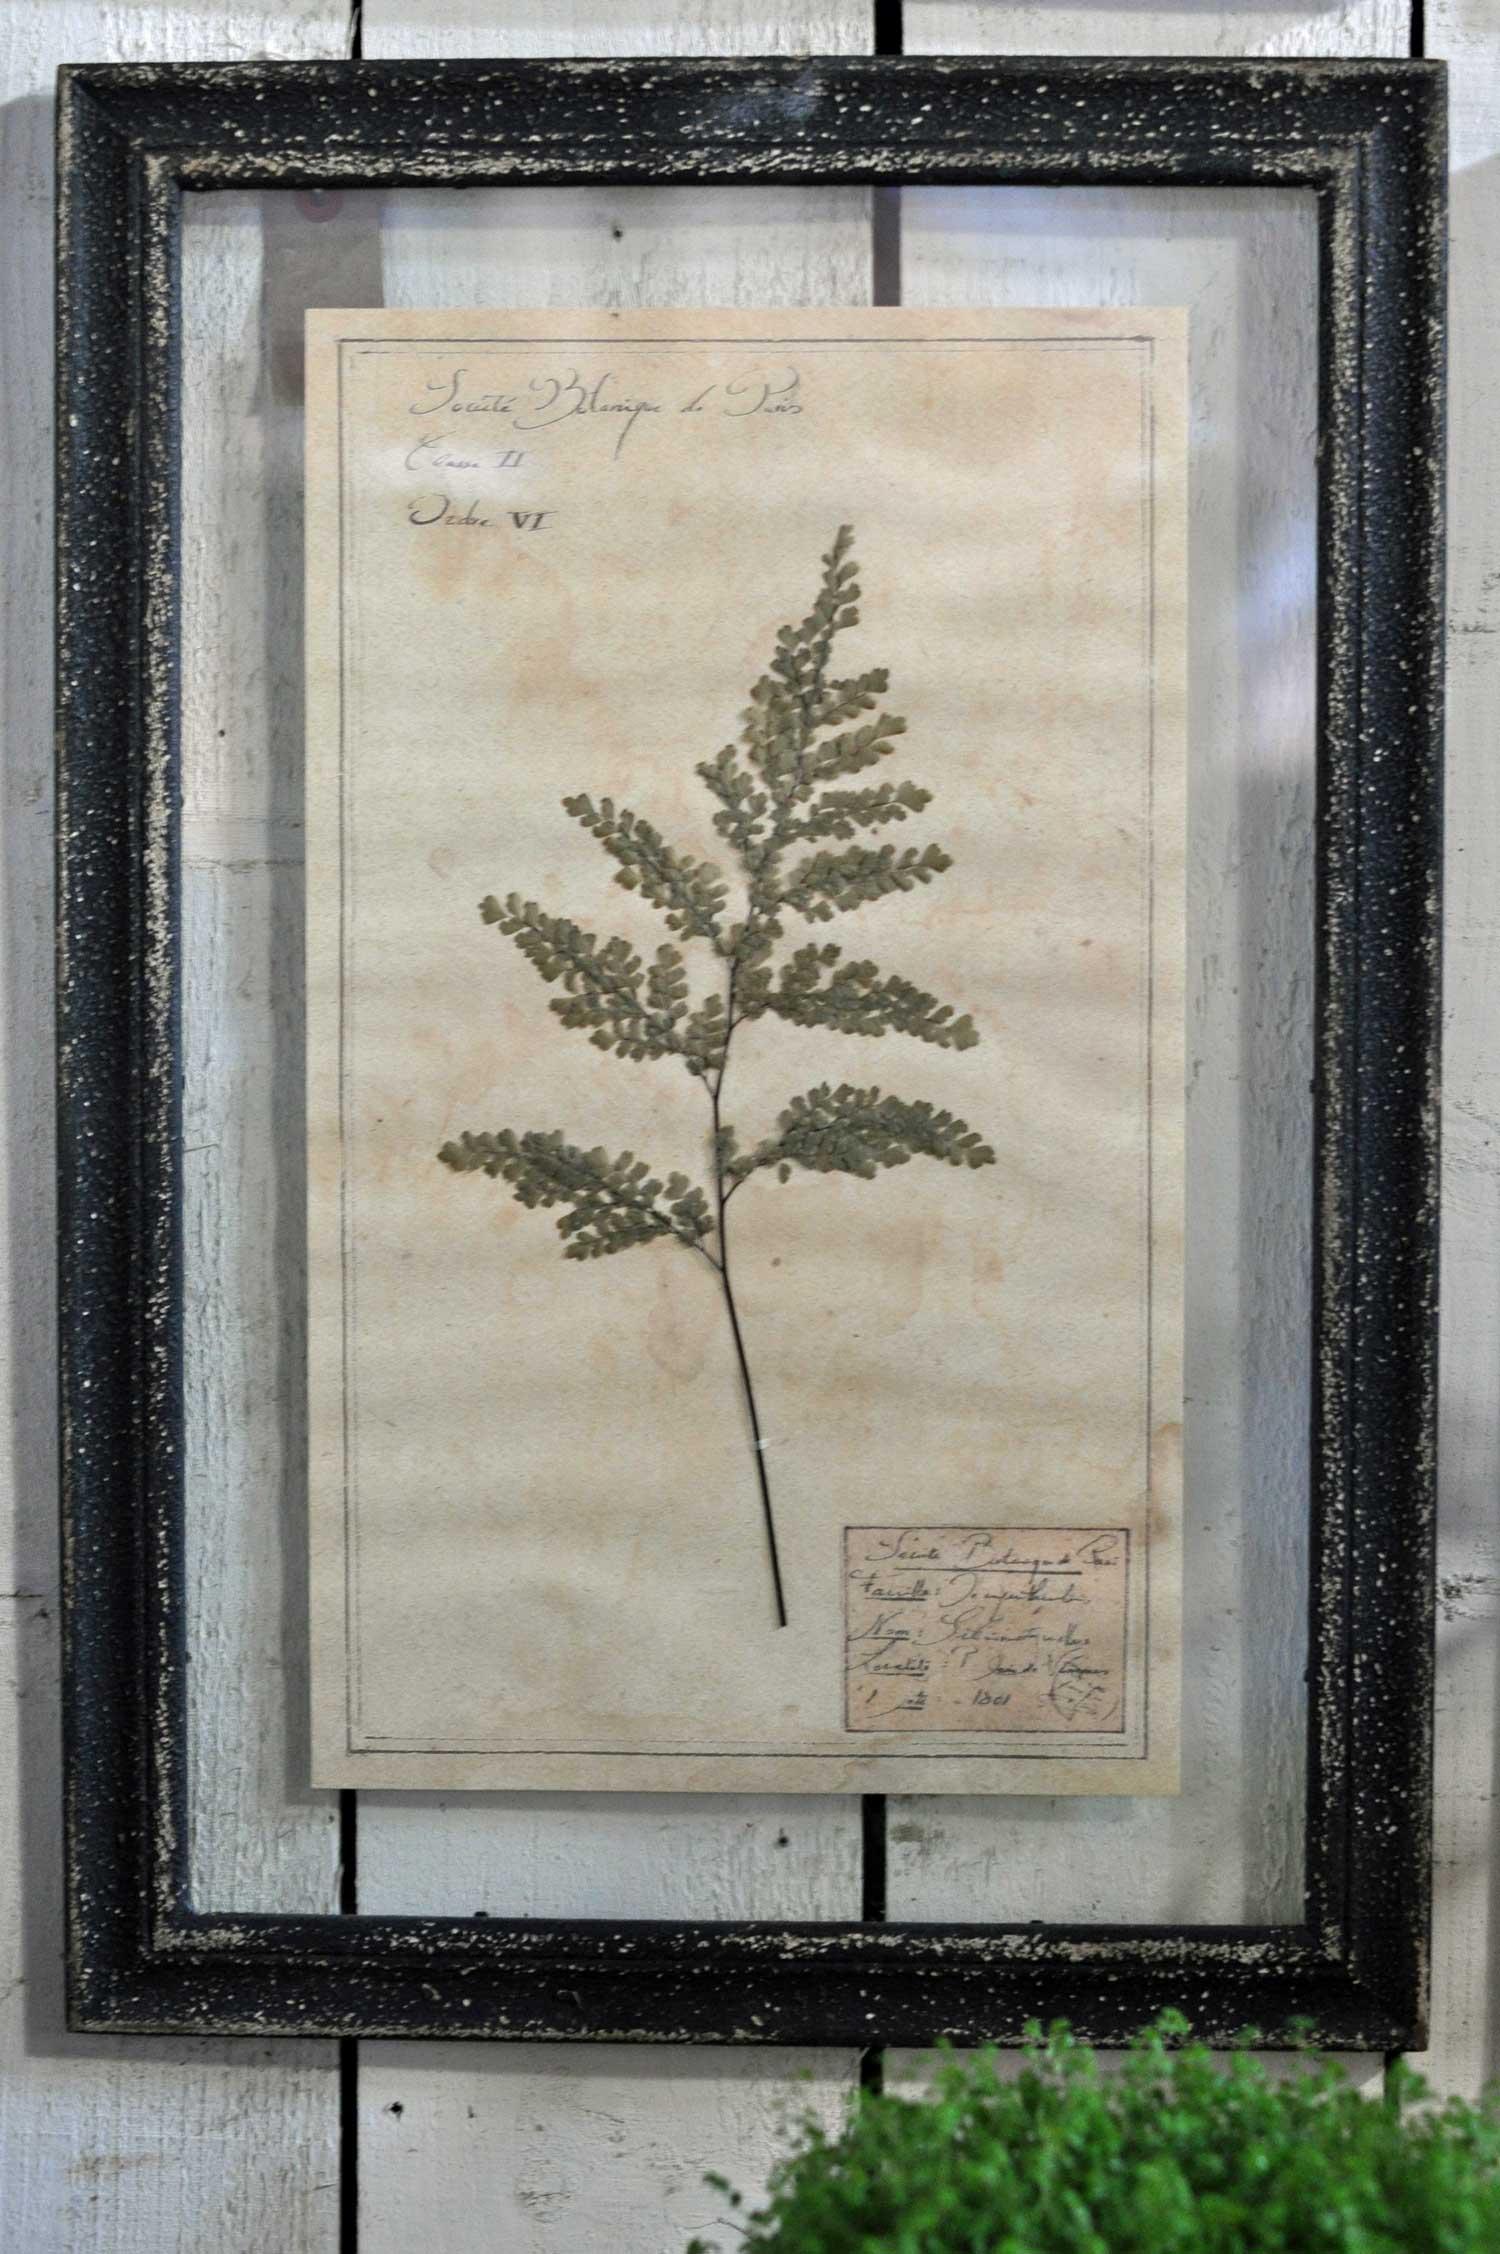 Framed Pressed Botanical Artwork With Hand Pressed Specimens